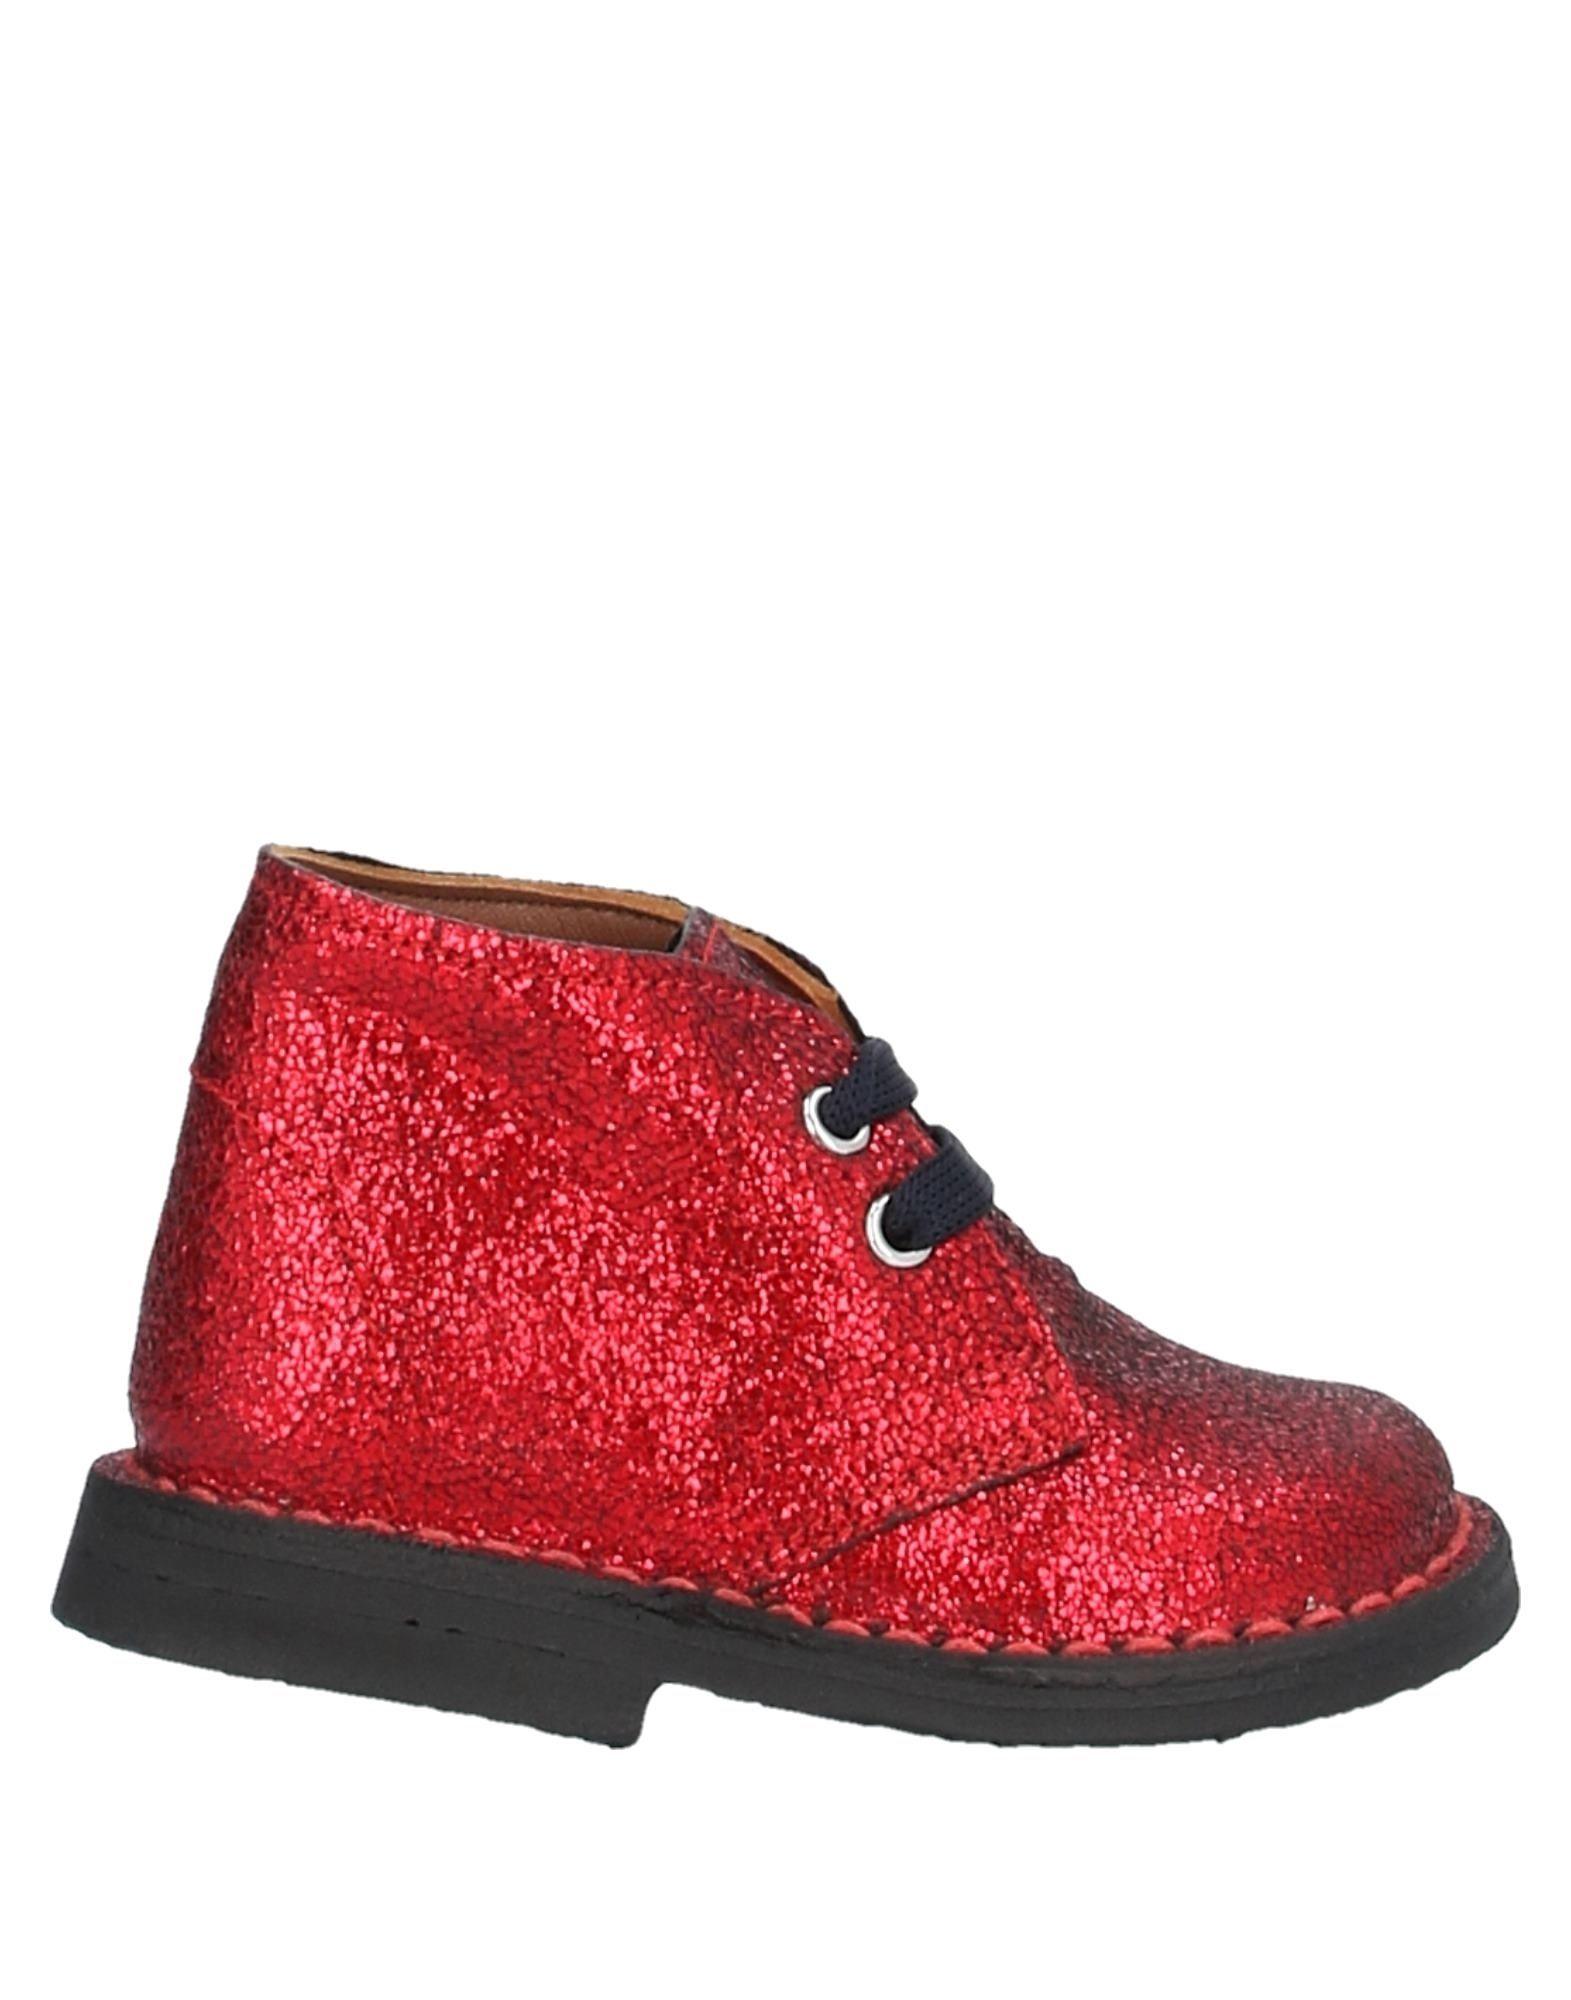 Фото - EUREKA Полусапоги и высокие ботинки eureka полусапоги и высокие ботинки